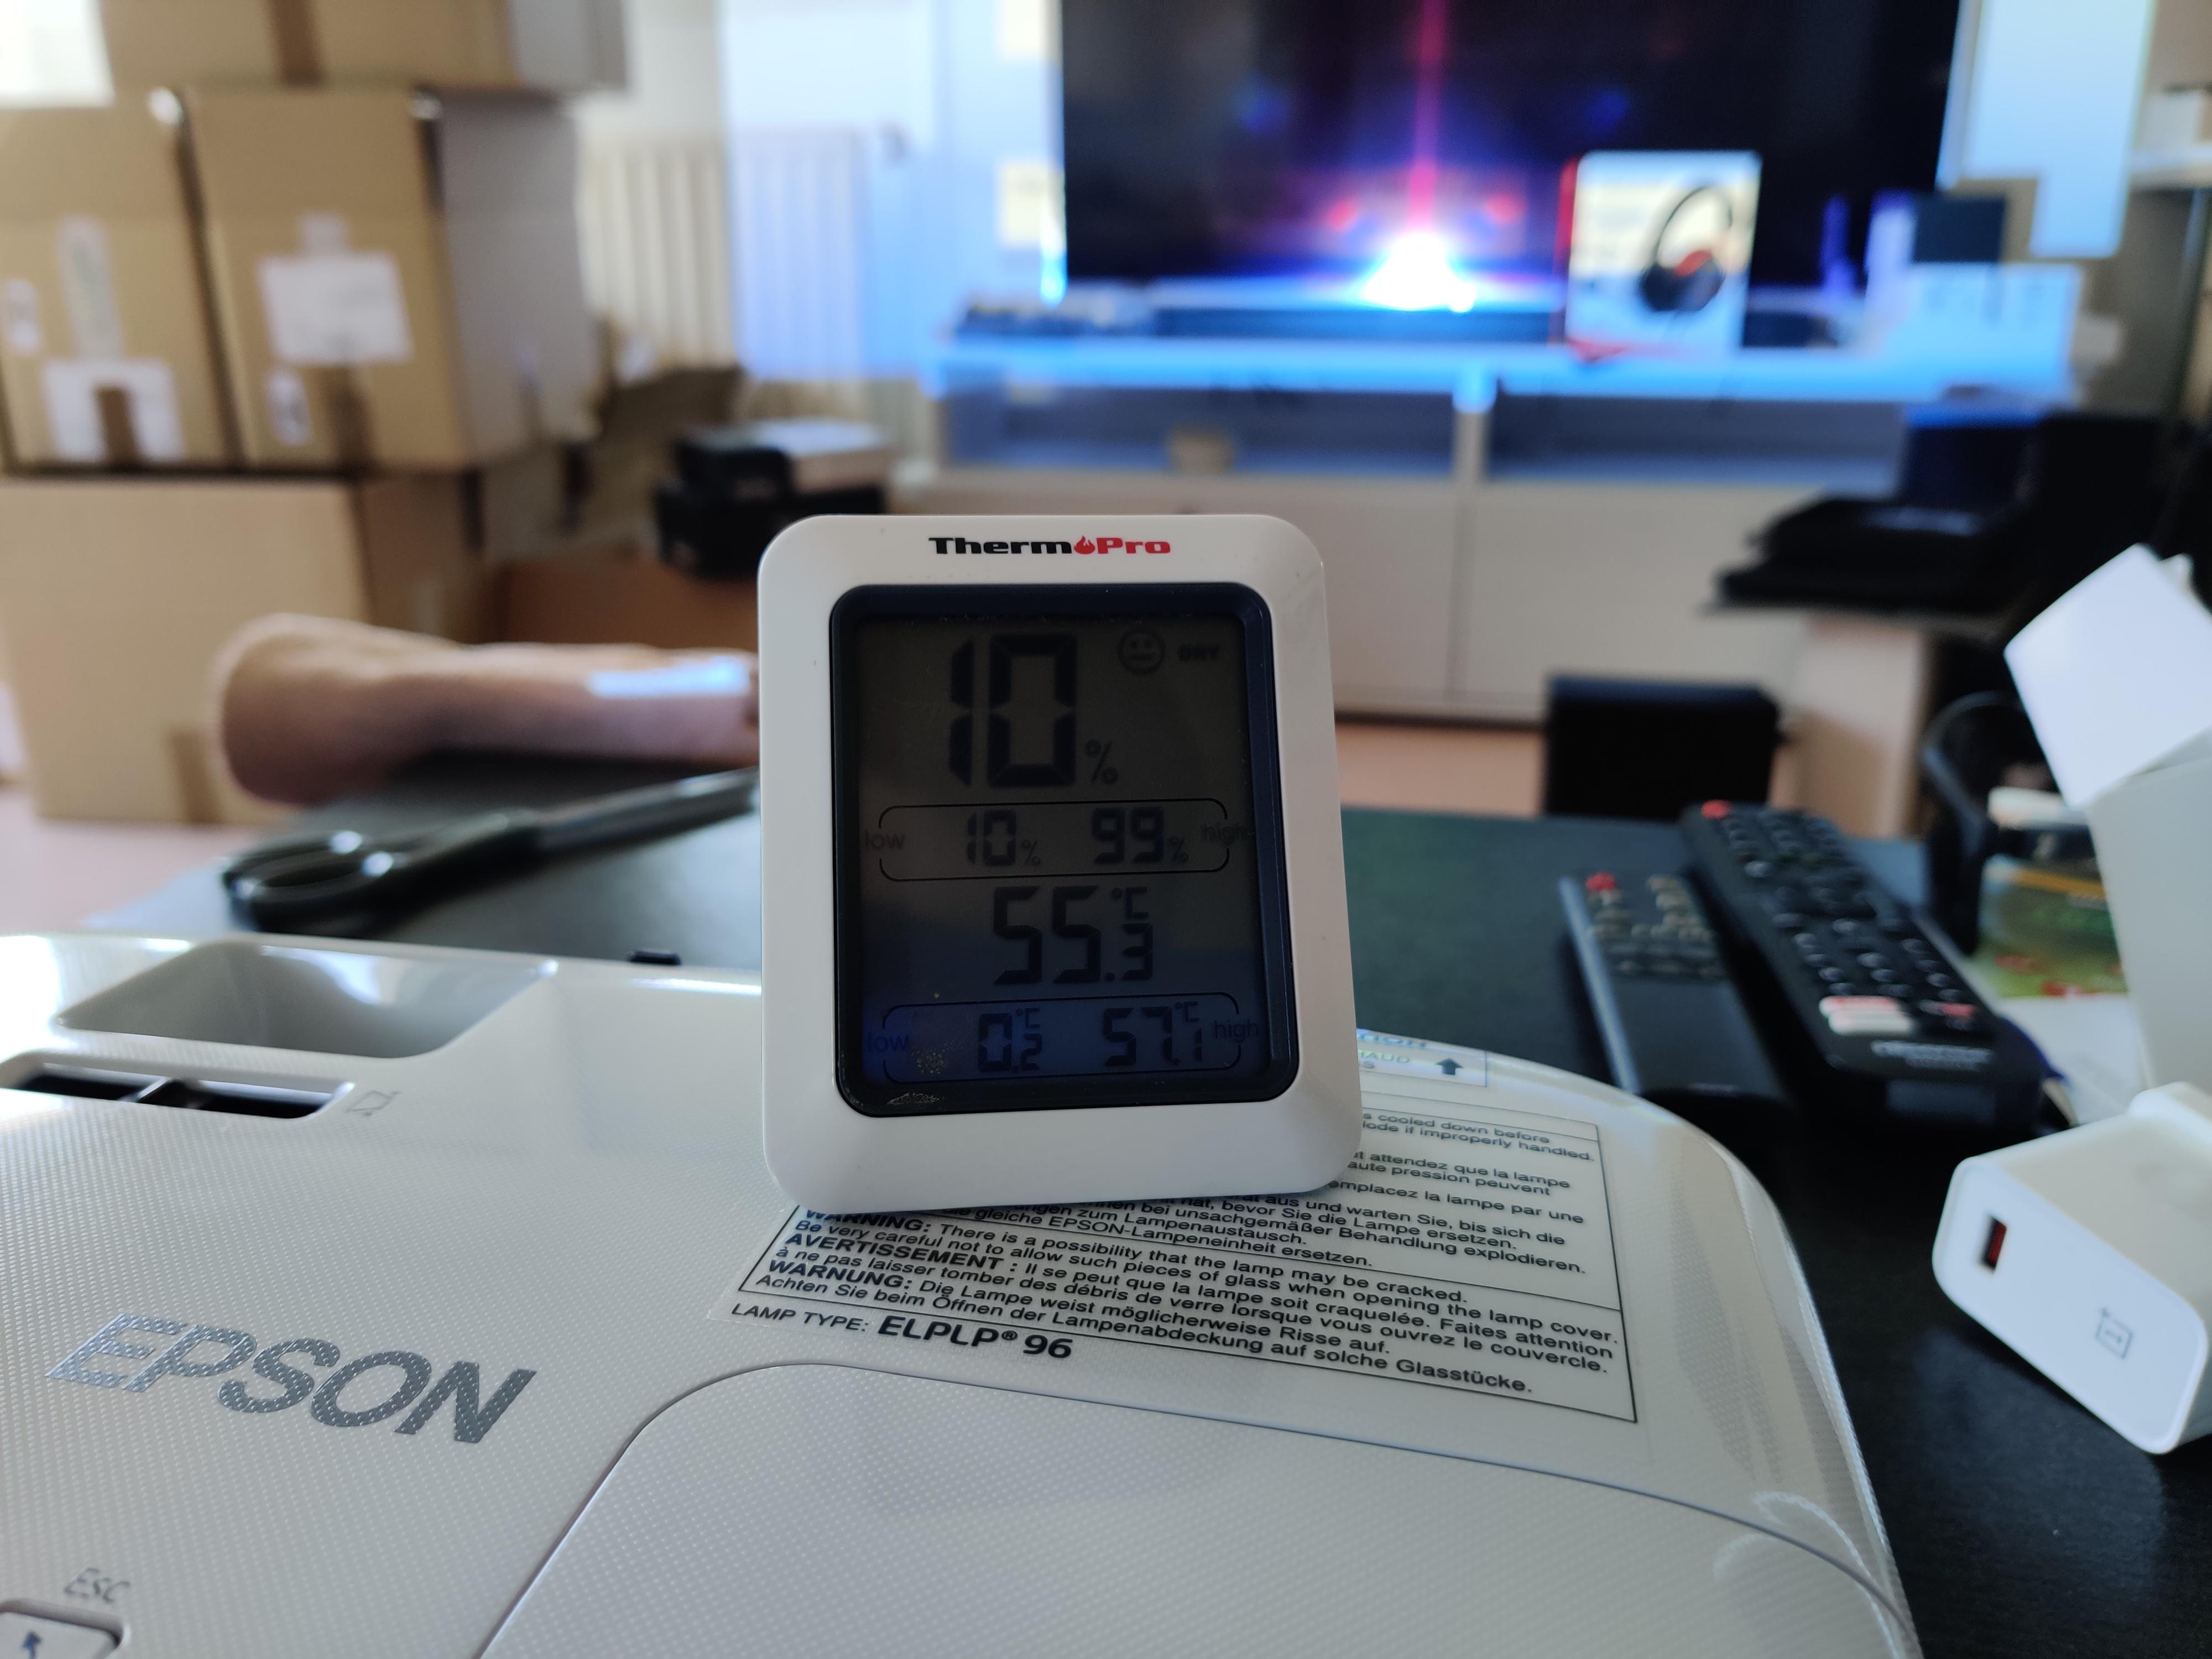 epson eh-tw650 température